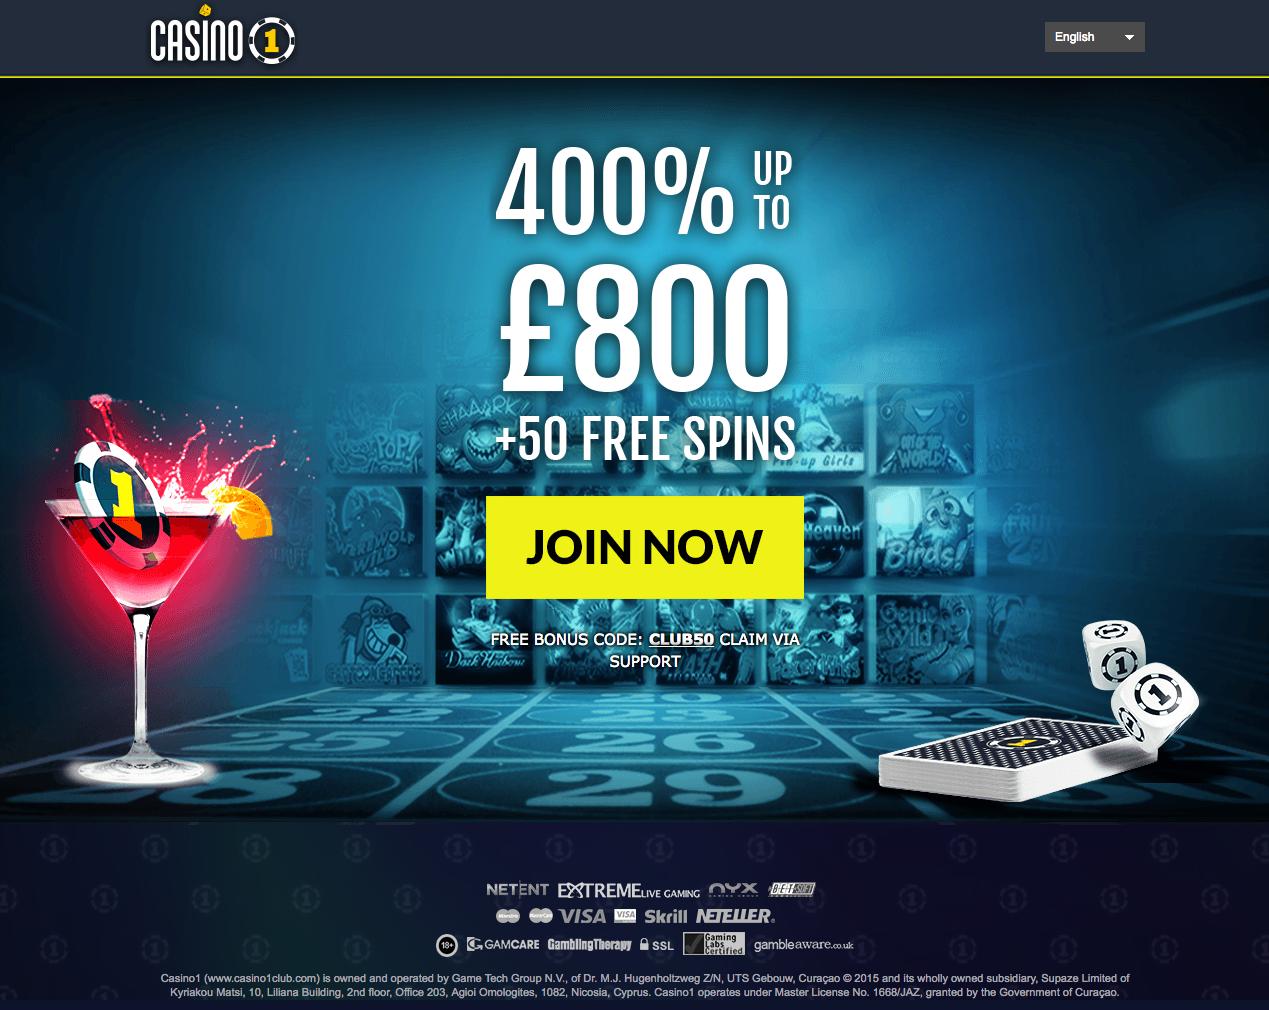 casino 1 club review